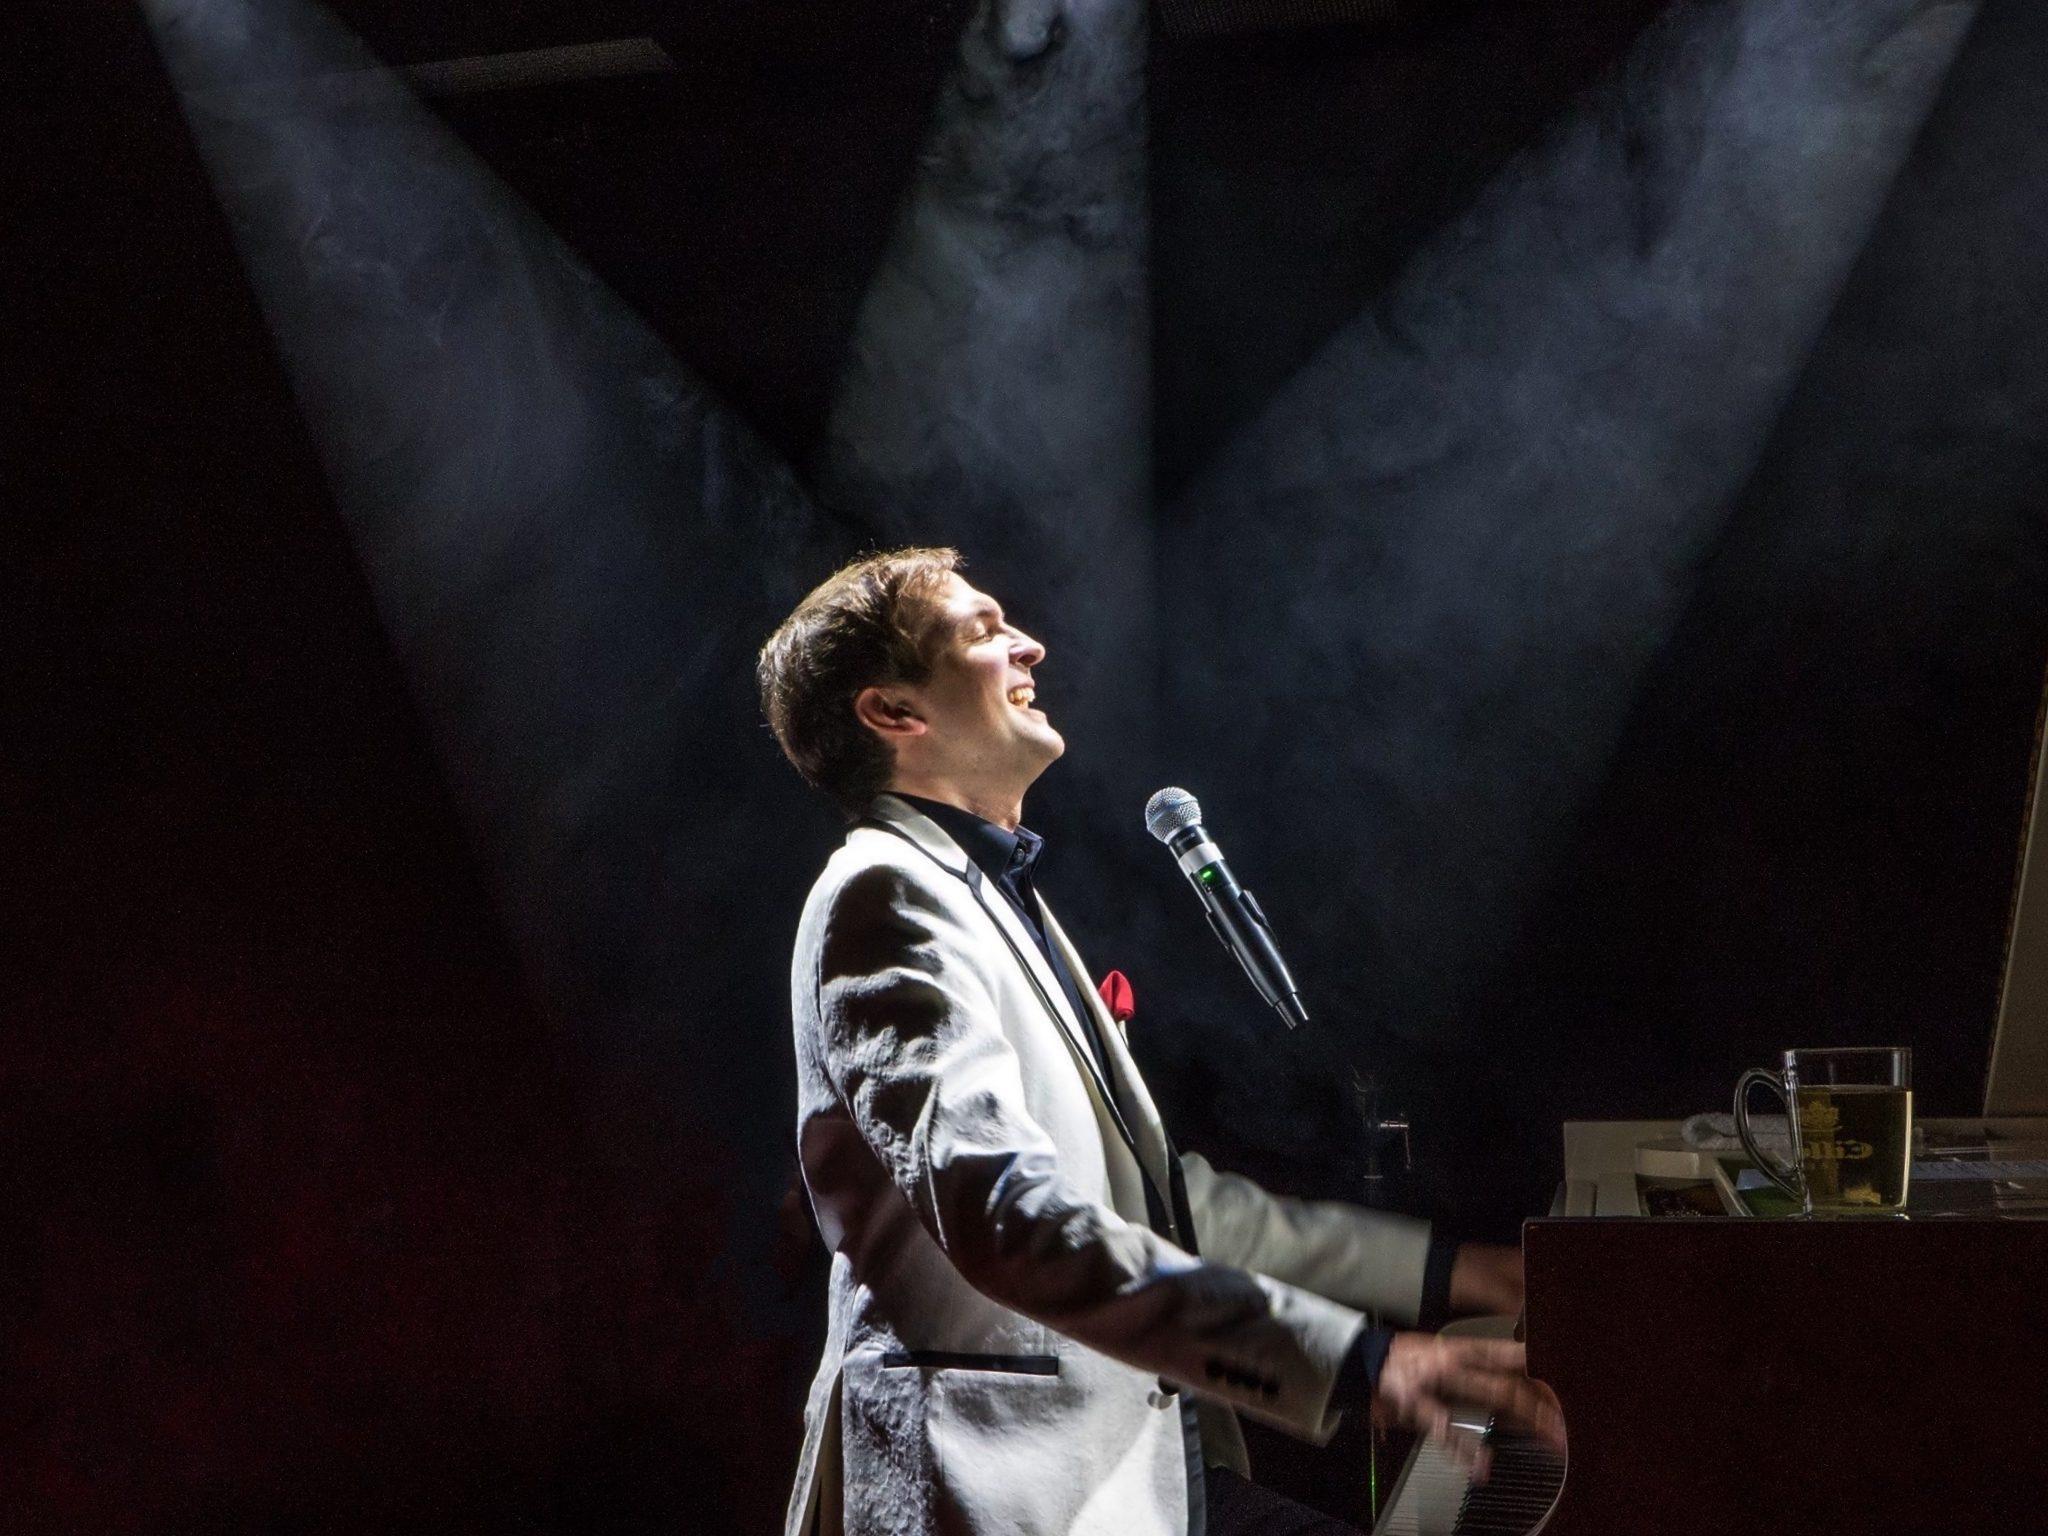 Alex Parker Piano 2019 c cofo entertainment